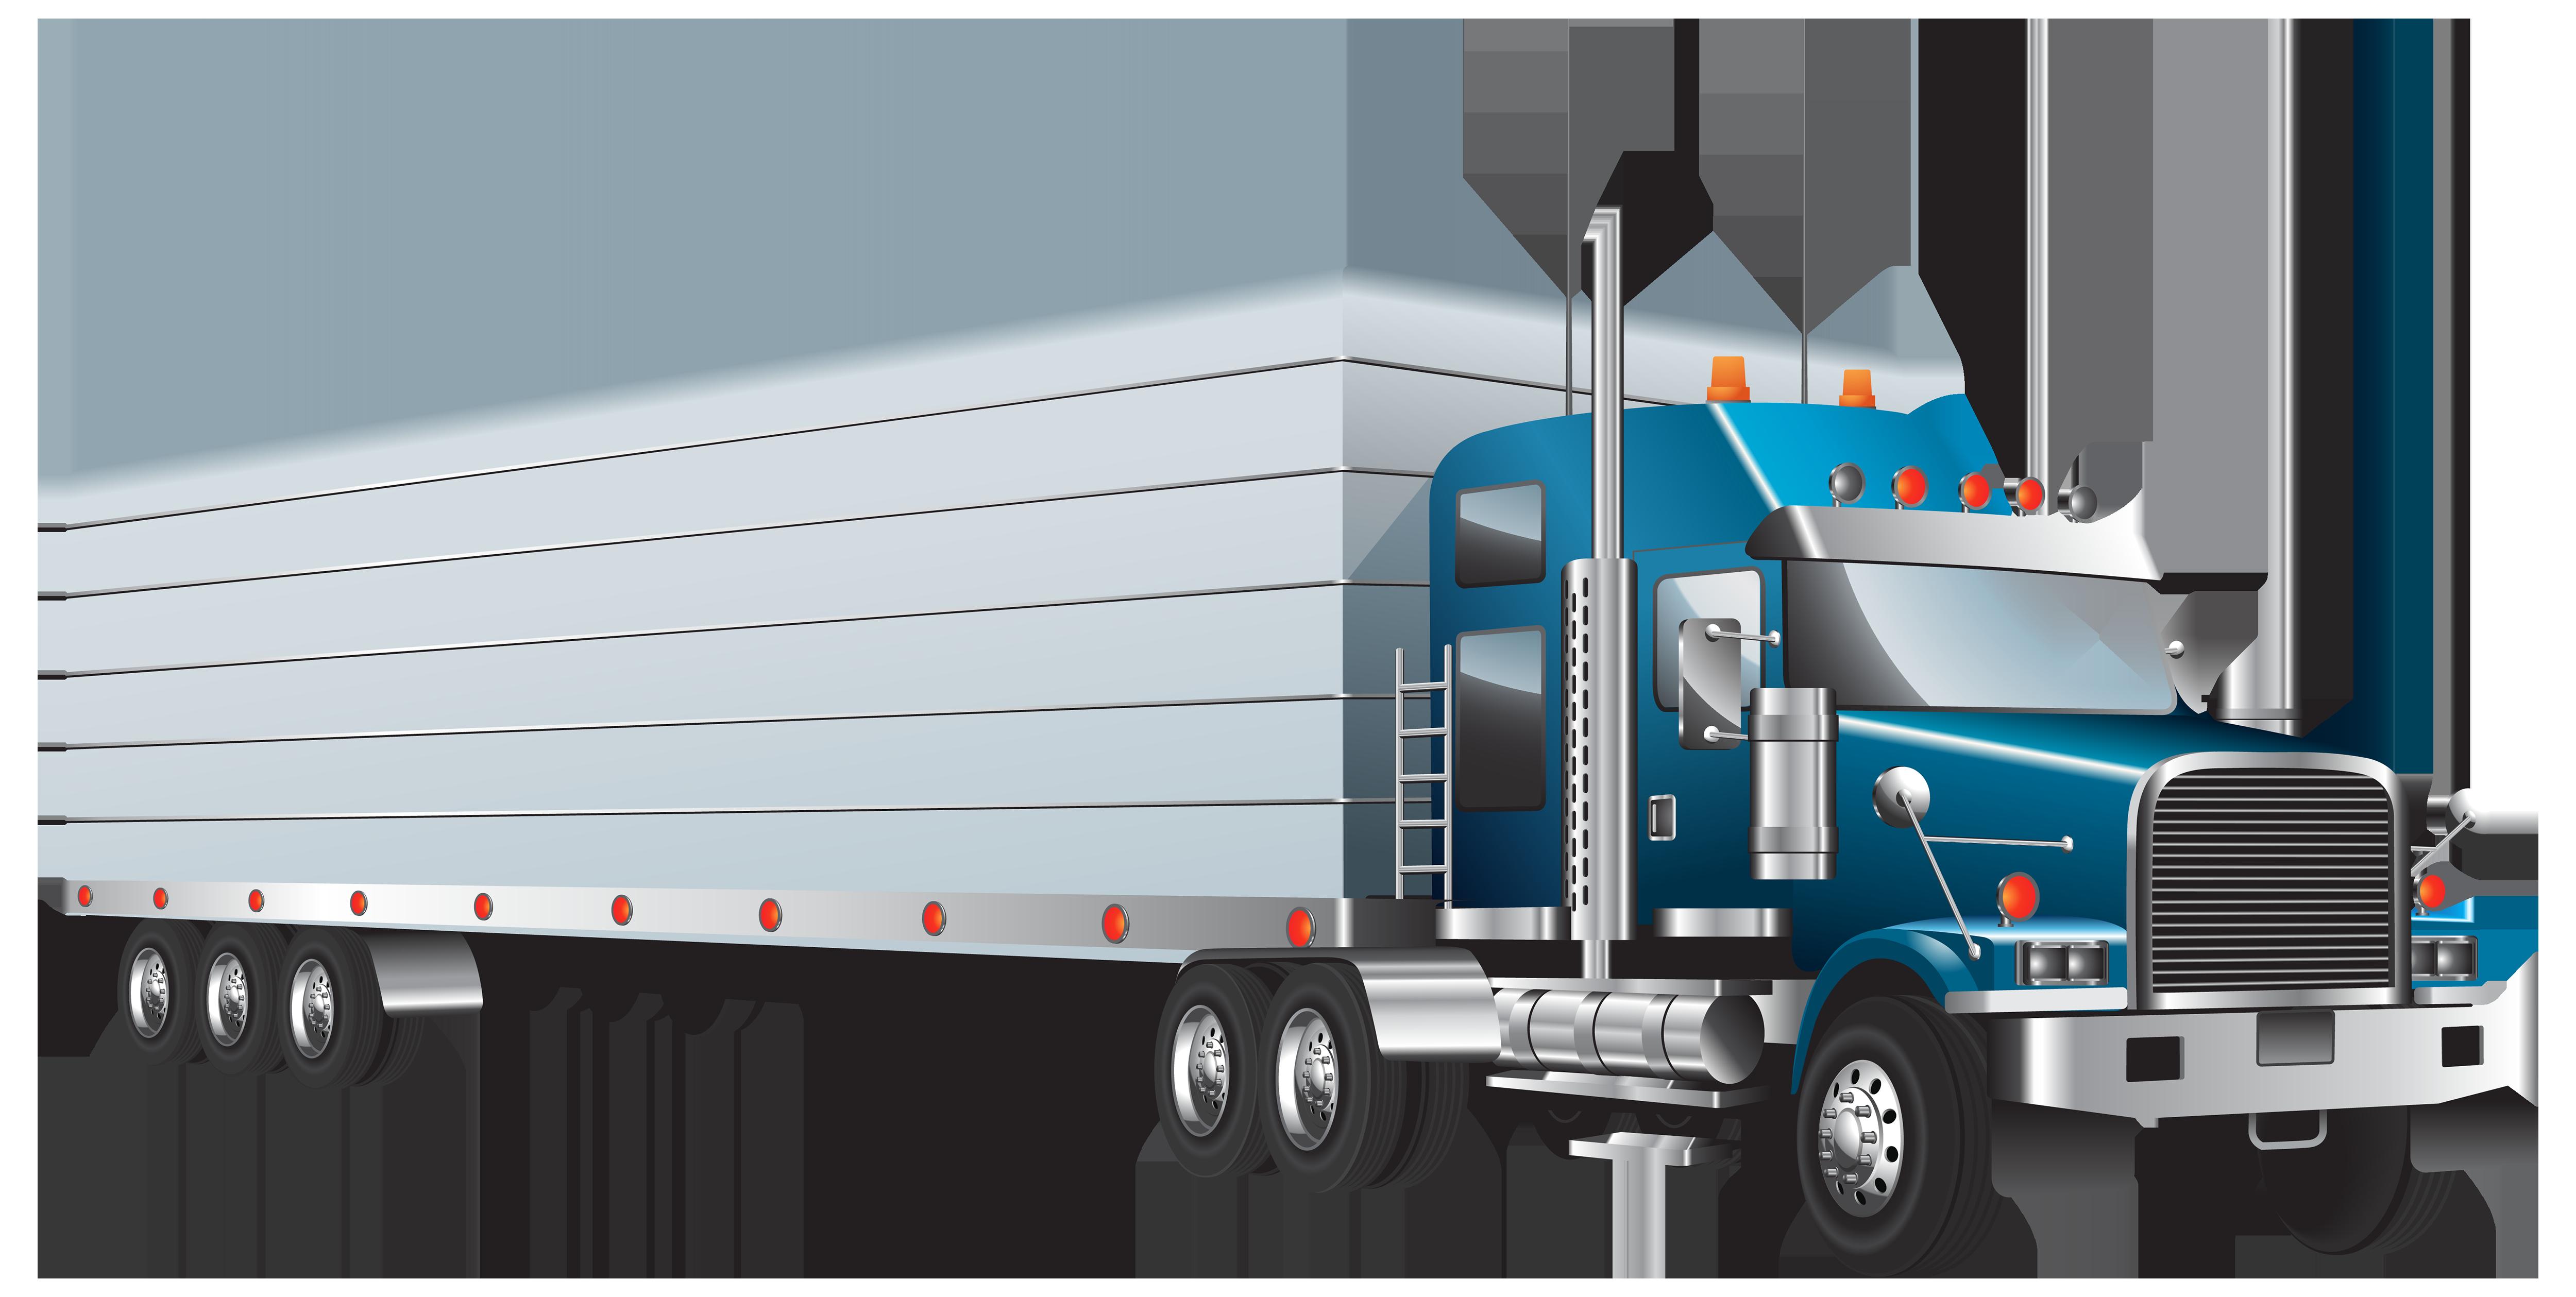 Truck Png Image Trucks Png Big Trucks